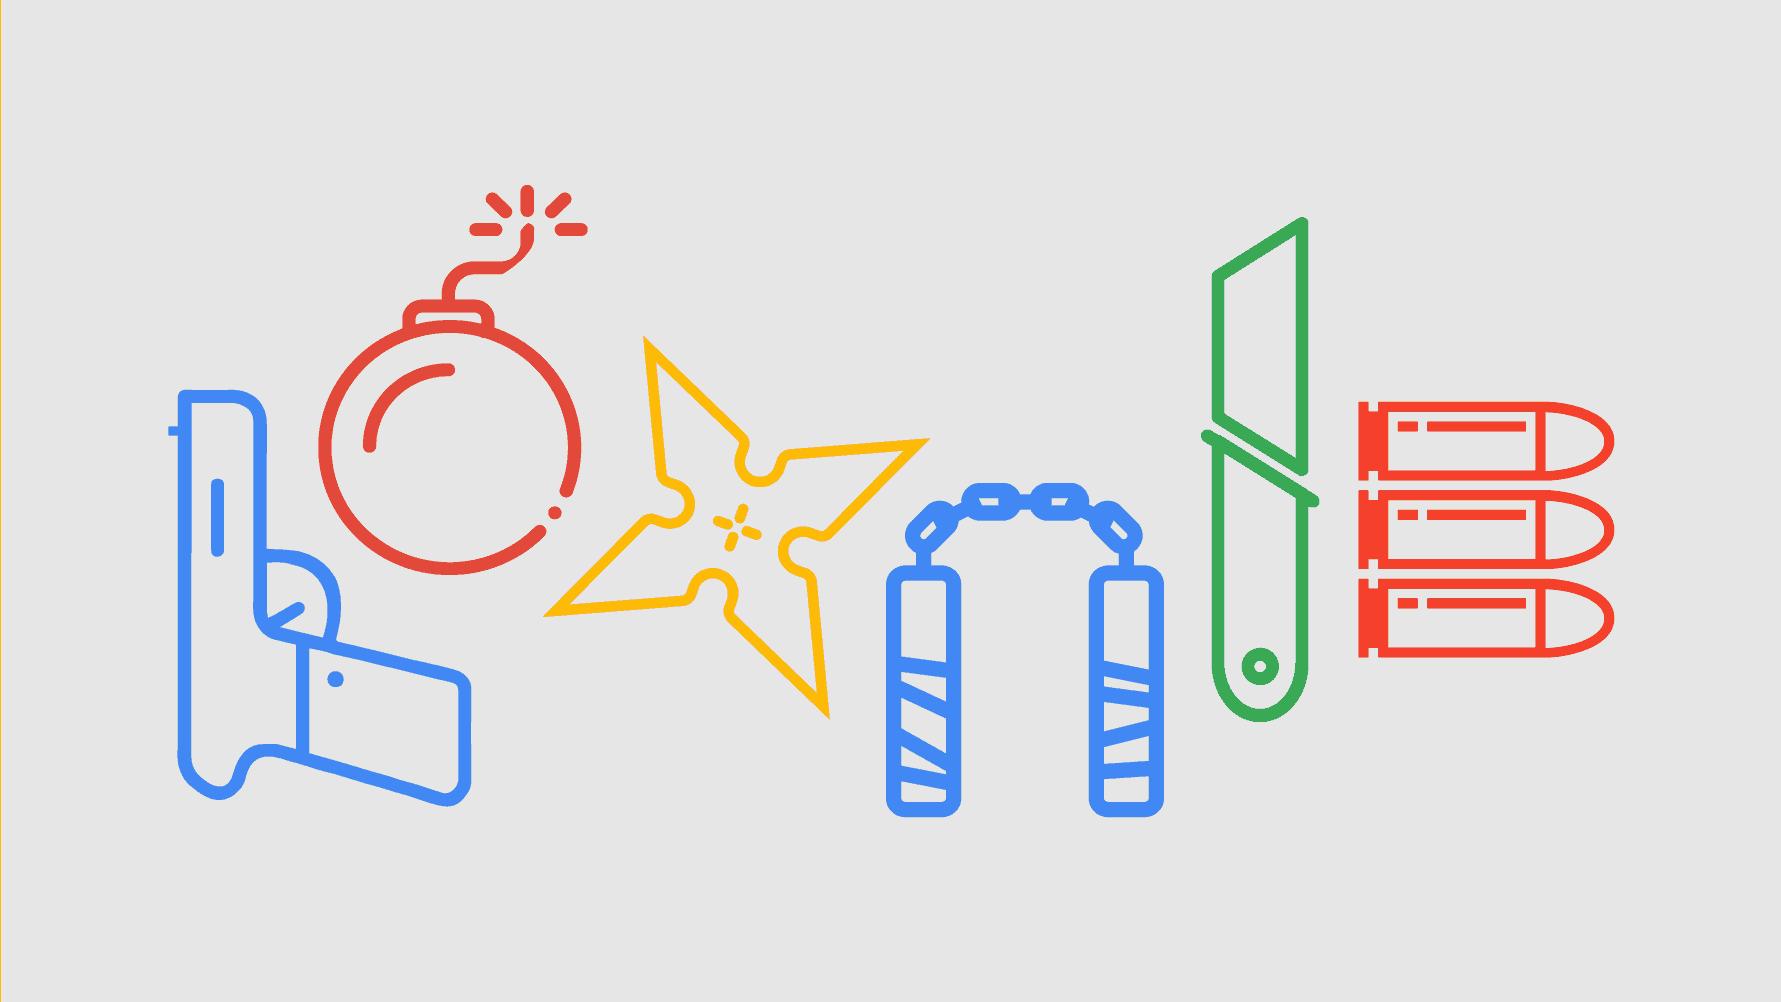 لا للشر في الذكاء الاصطناعي: جوجل تقول أن خوارزميتها لن تكون مؤذية